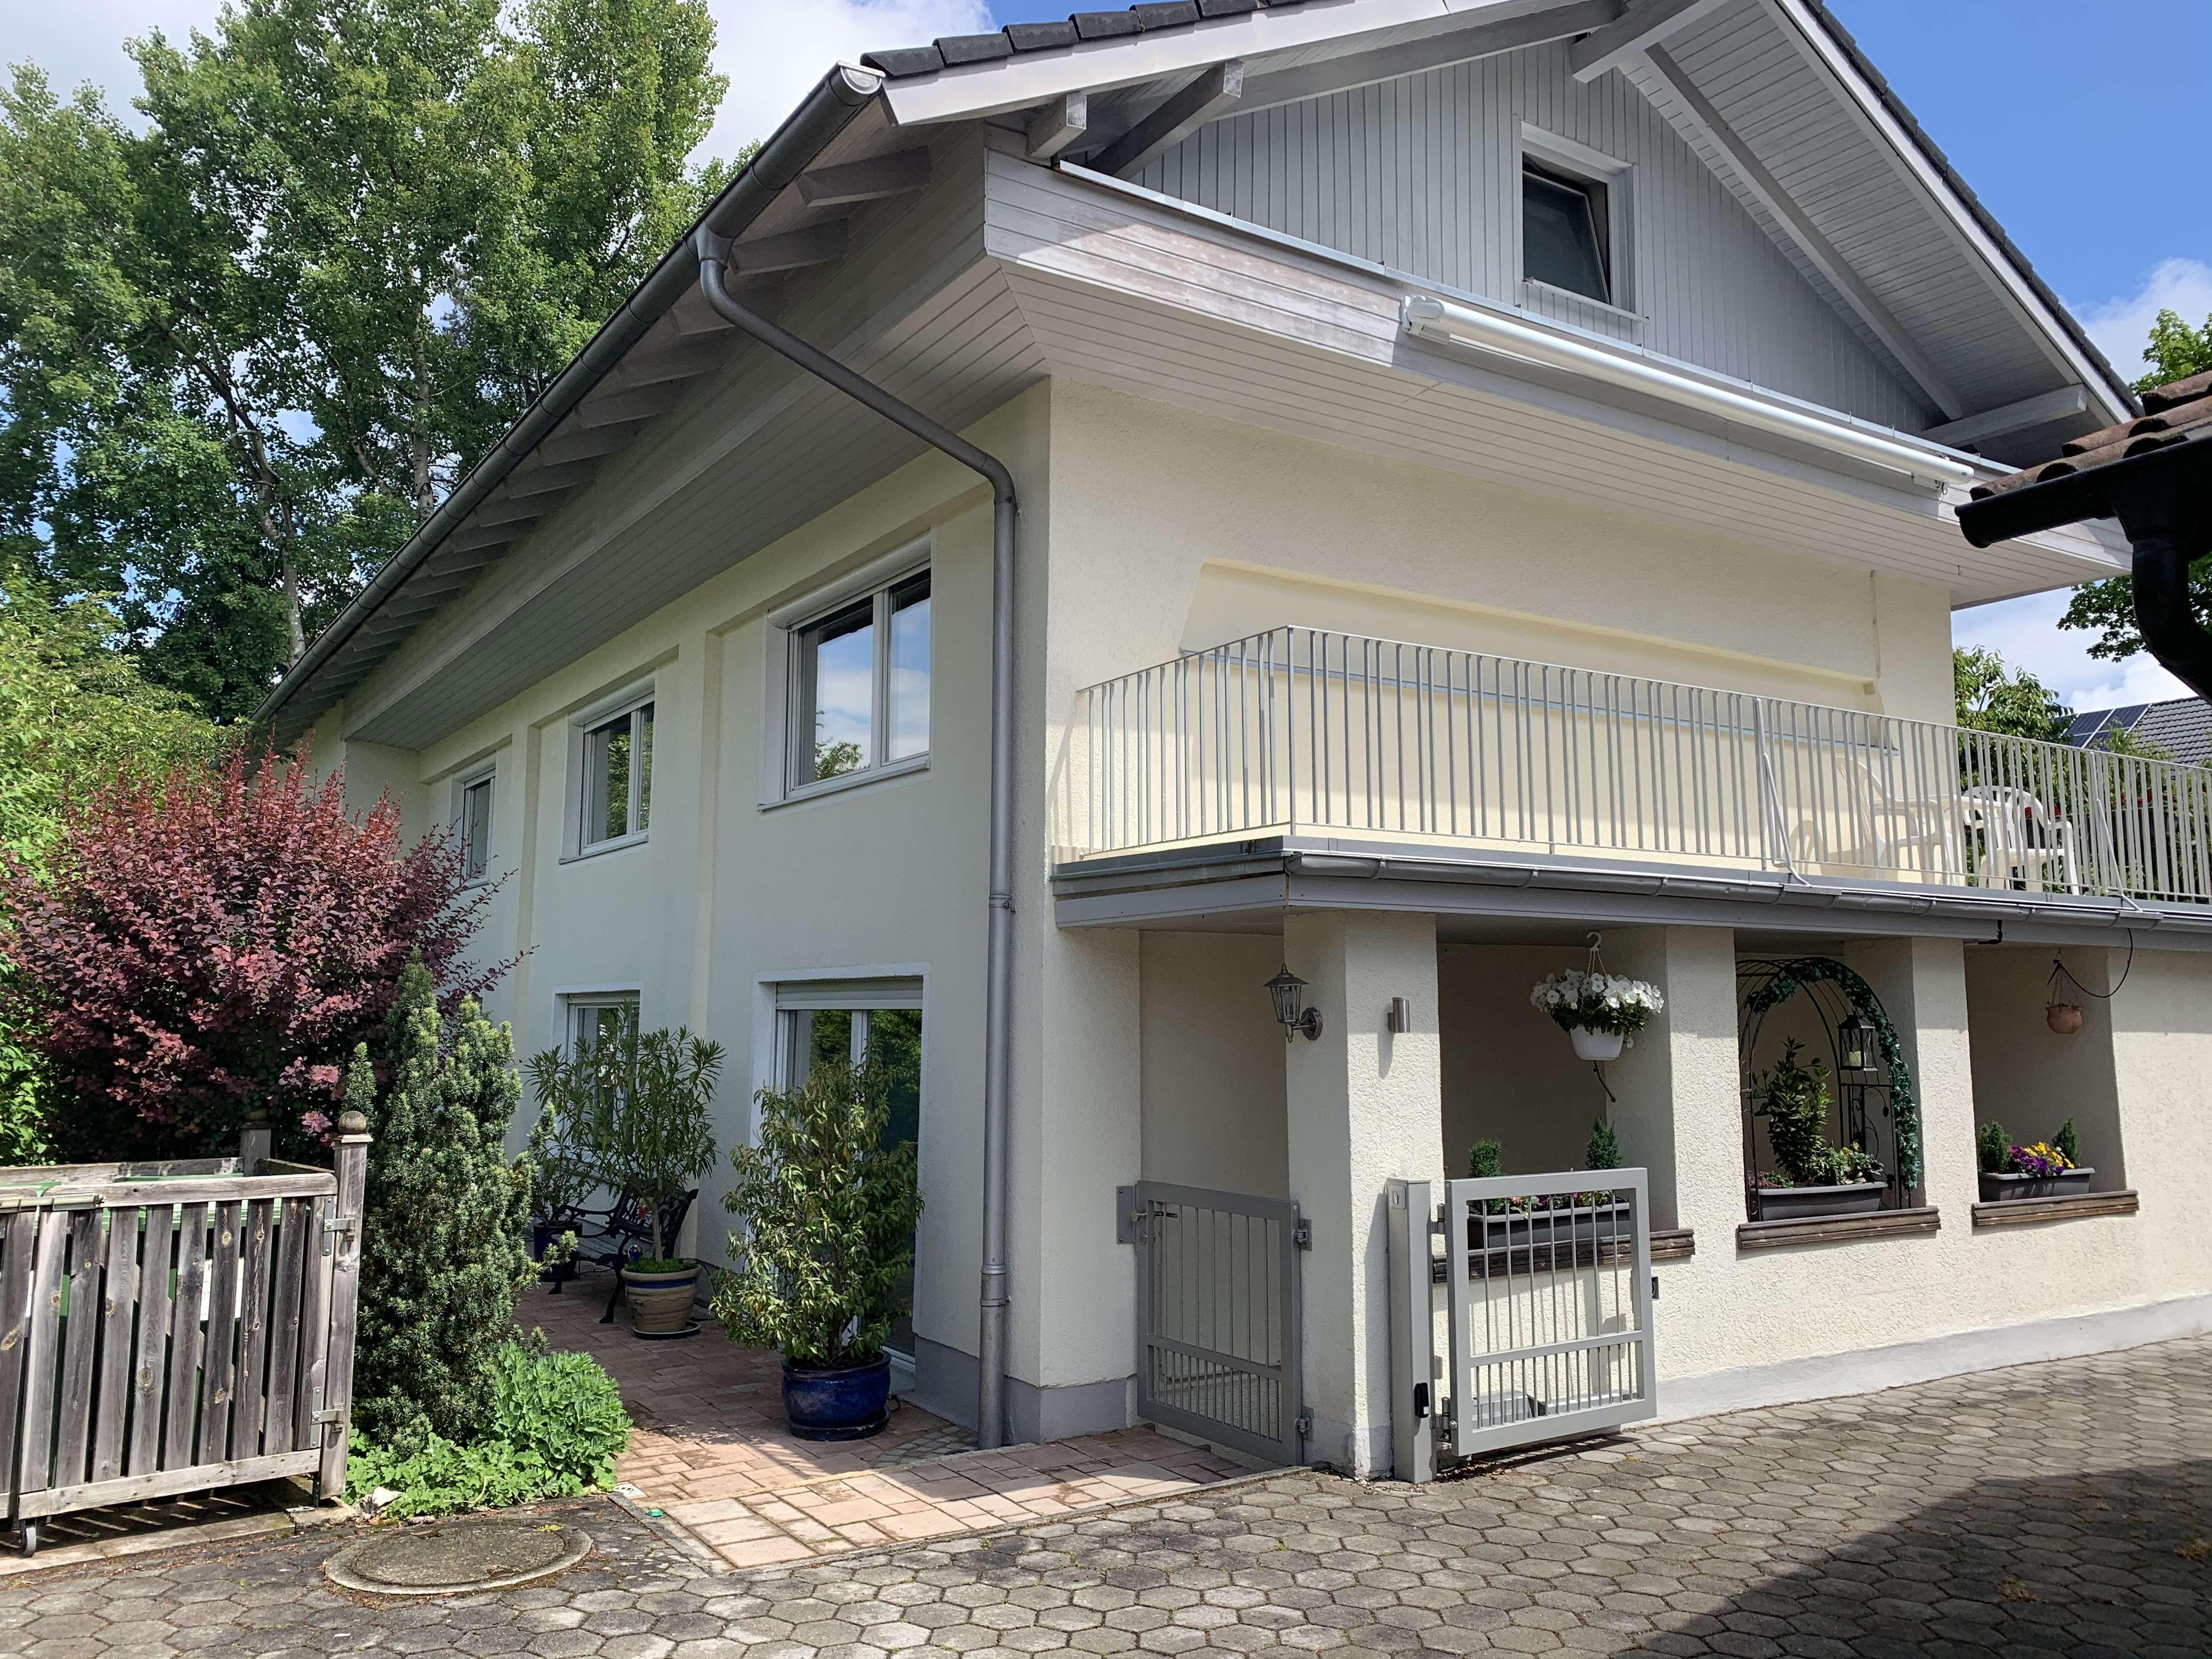 Ansprechende 5-Zimmer-Wohnung mit Balkon in Bad Tölz-Wolfratshausen (Kreis) in